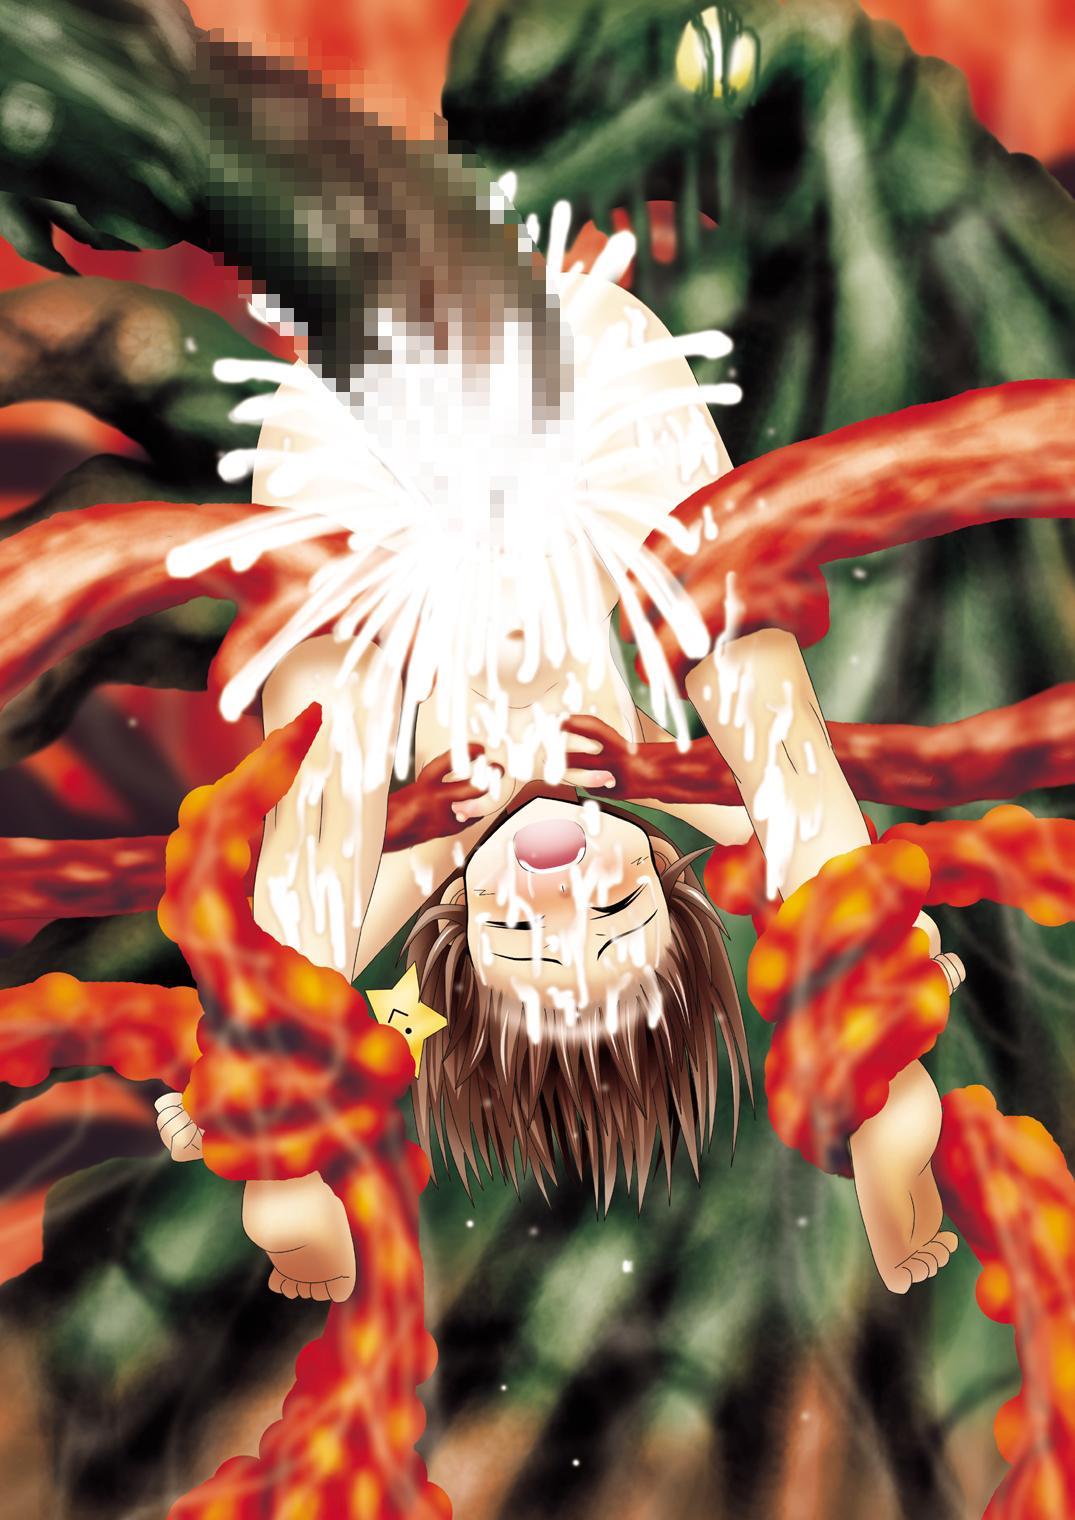 [Dende] Fushigi Sekai -Mystery World- Nonoha 5 ~Jokuma no Kyouniku no Tainai Shinshoku~ 121